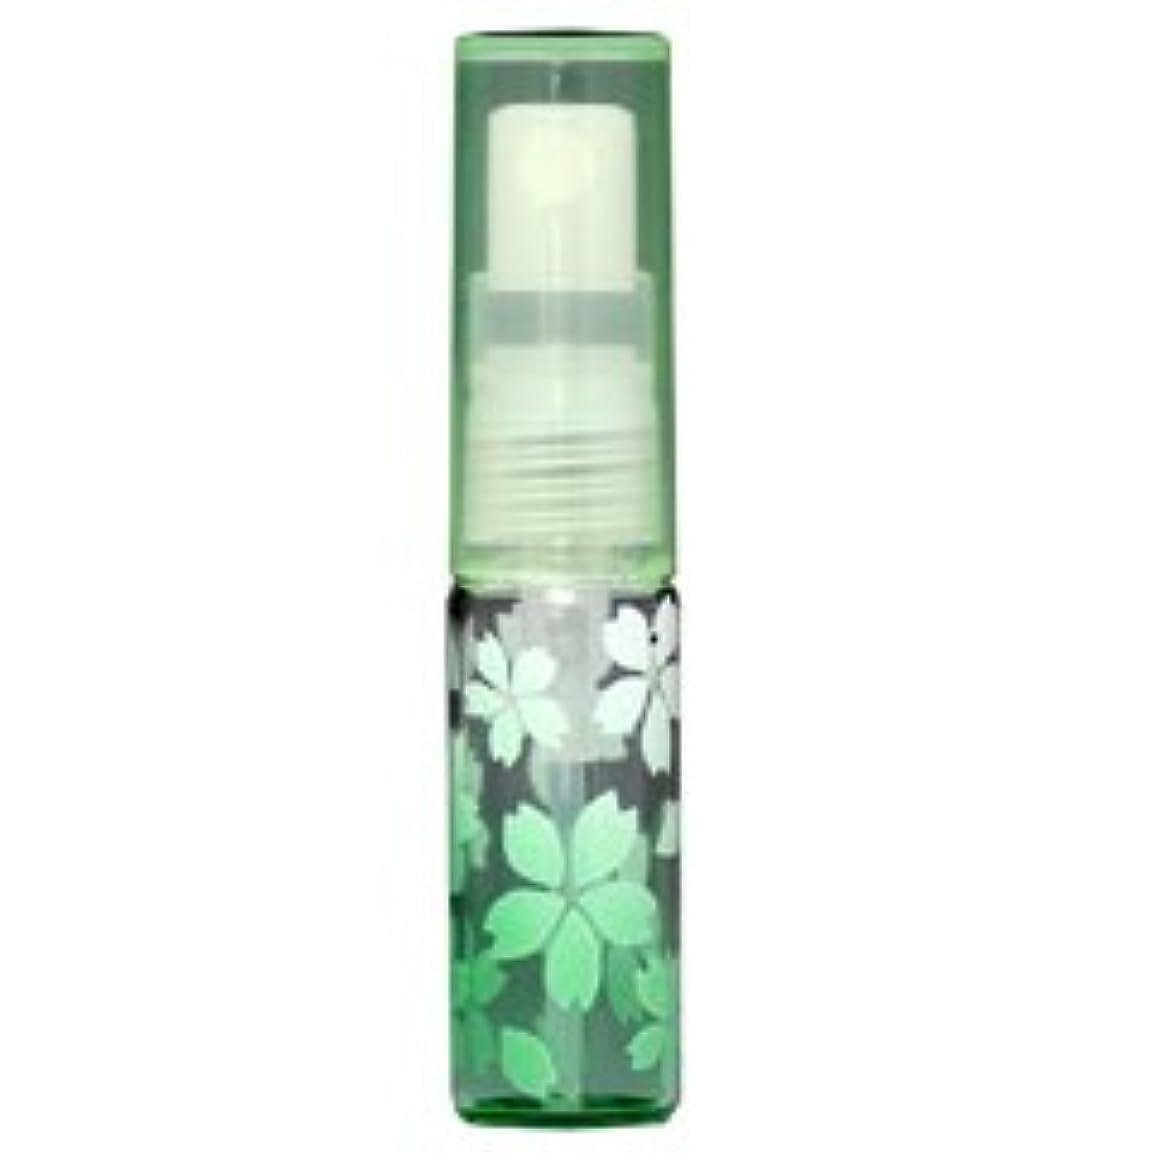 【ヒロセ アトマイザー】さくら咲く ガラスアトマイザー プラスチックポンプ 48175 (サクラ グリーン) 4ml